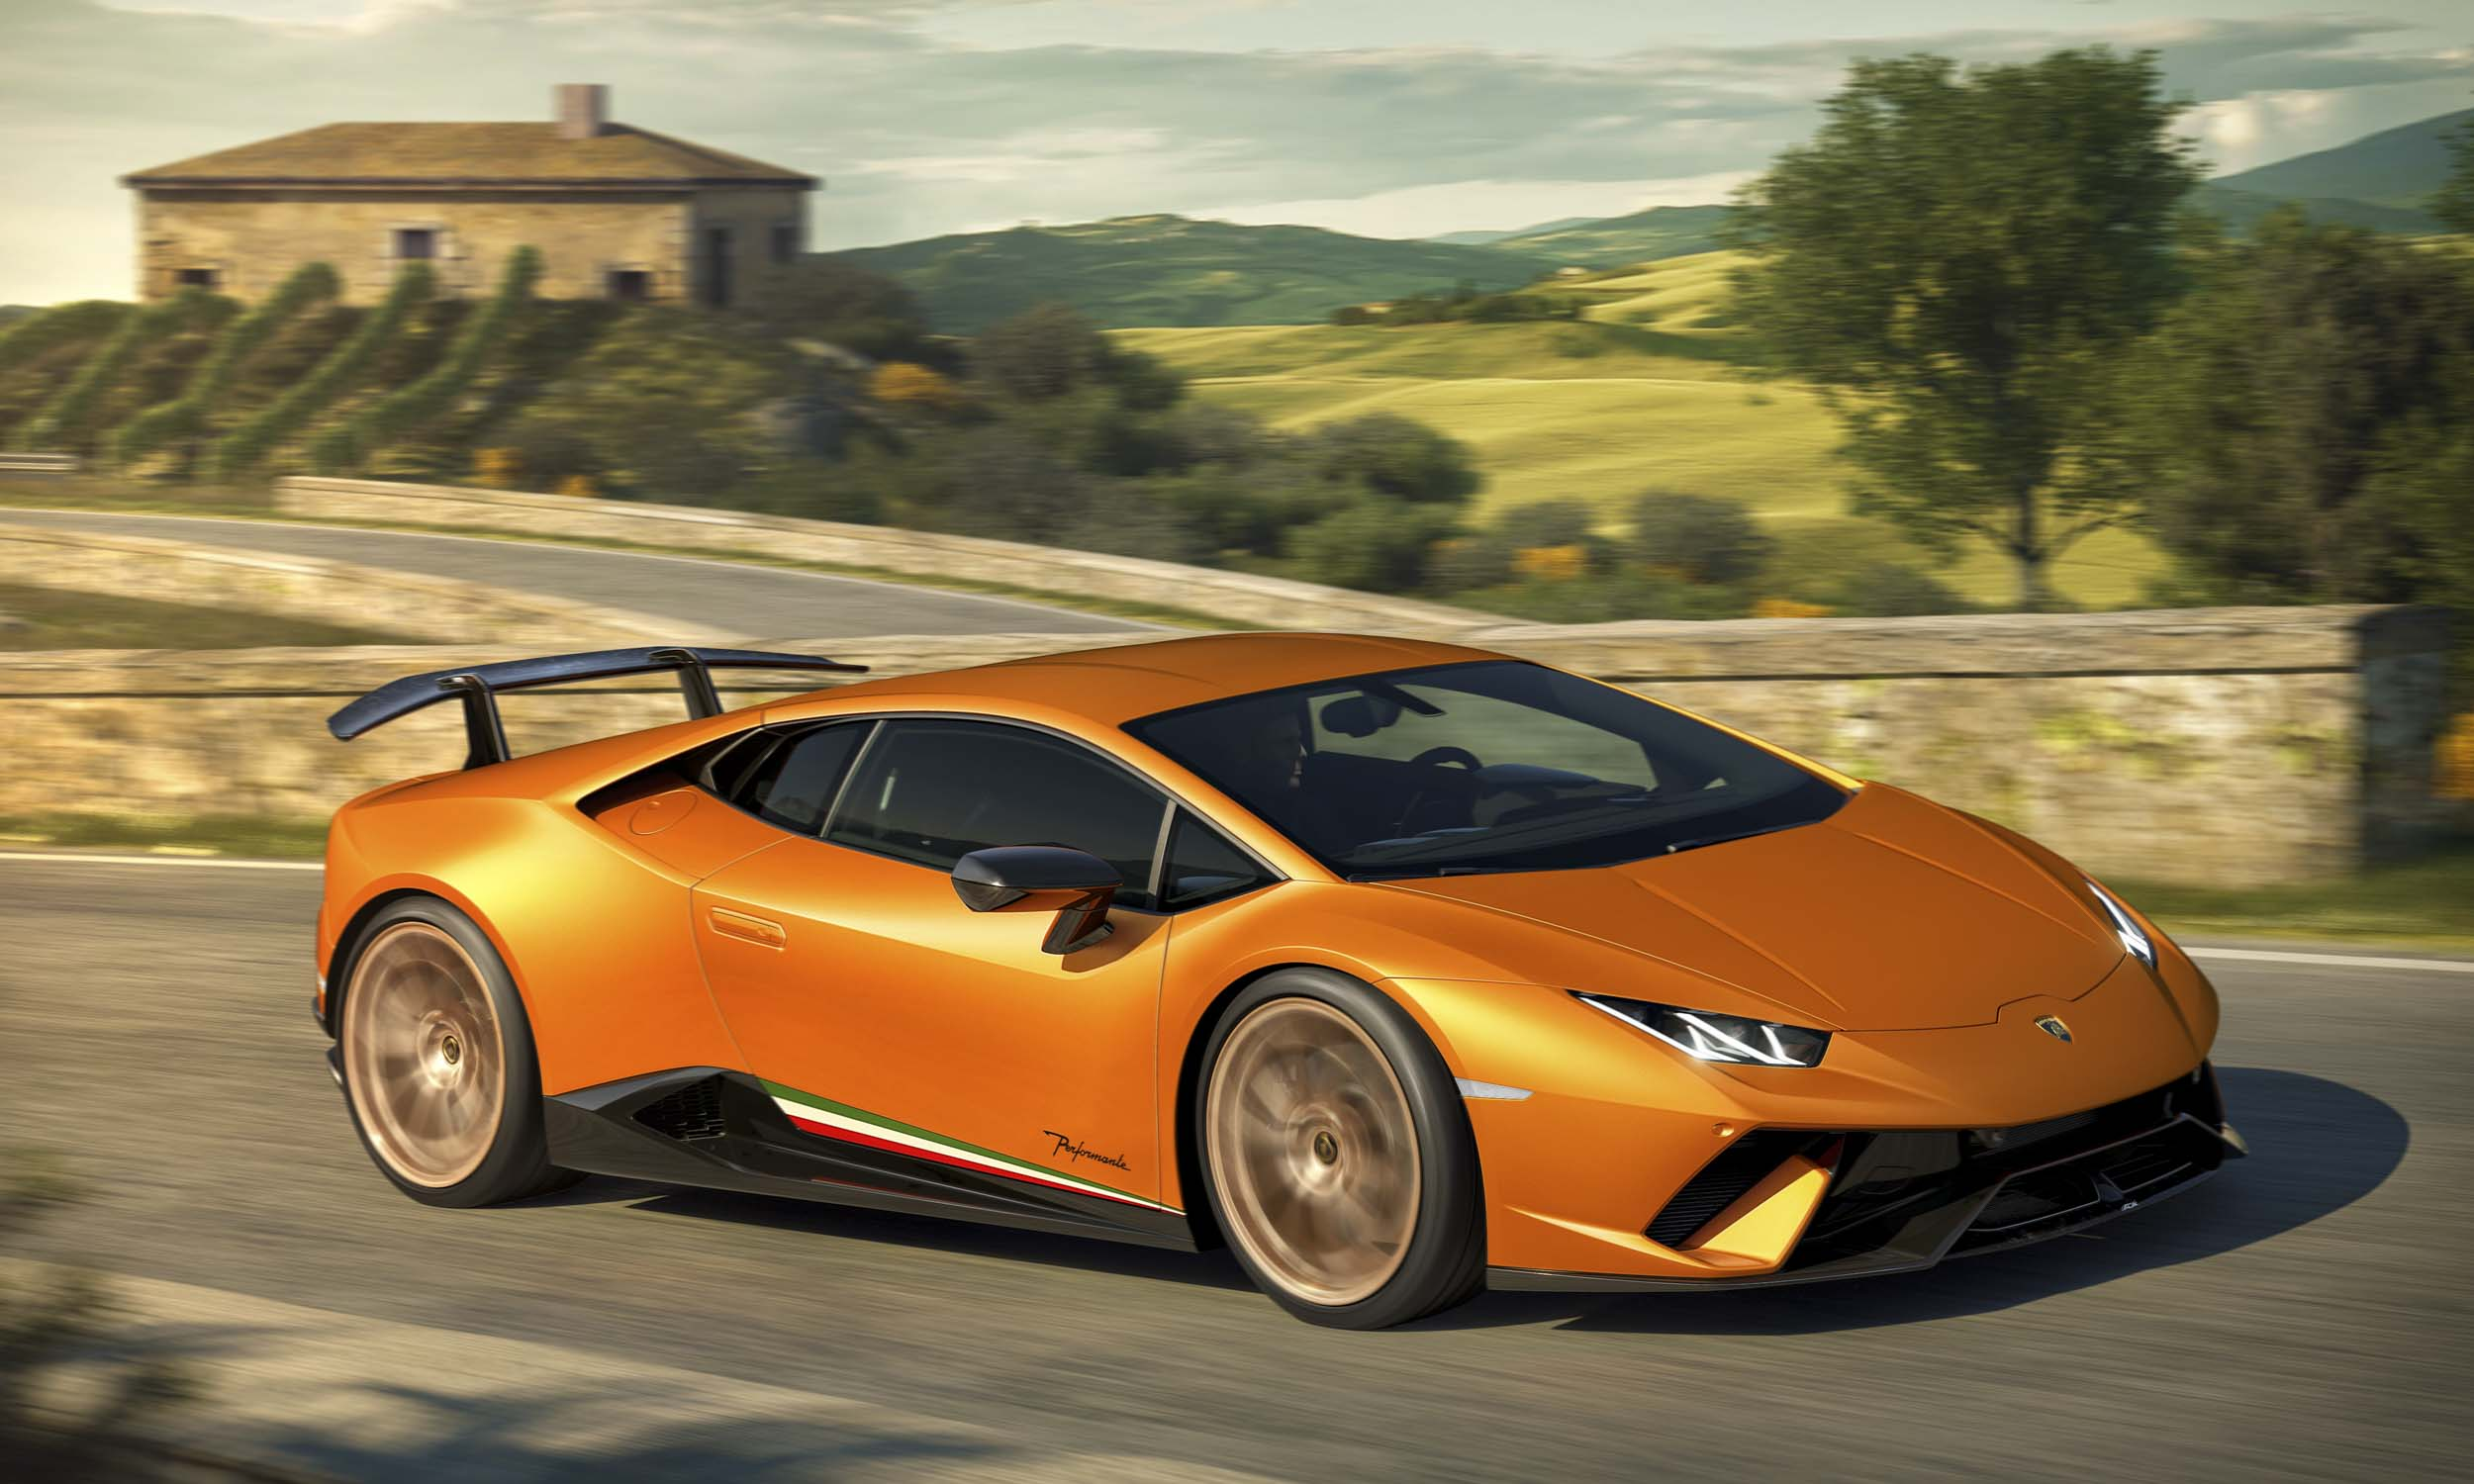 © Automobili Lamborghini, S.p.A.